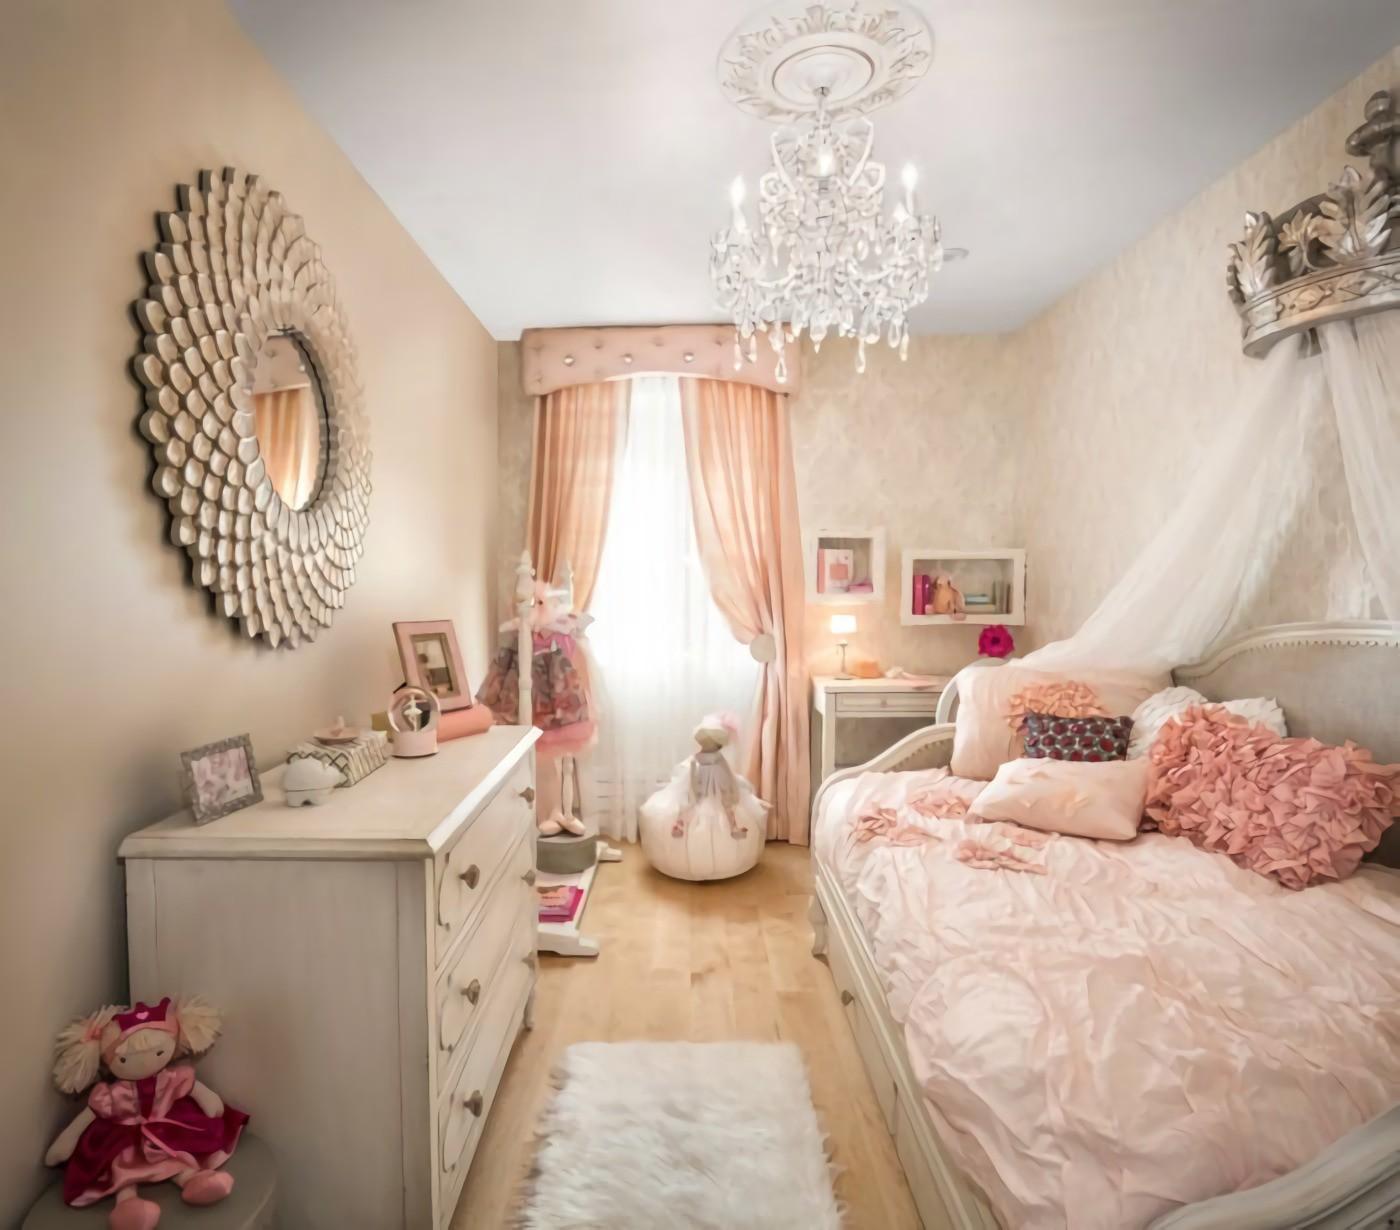 Thiết kế phòng ngủ cho bé gái dễ thương như trong cổ tích làm các bậc phụ huynh phải học tập tức thì - Ảnh 7.